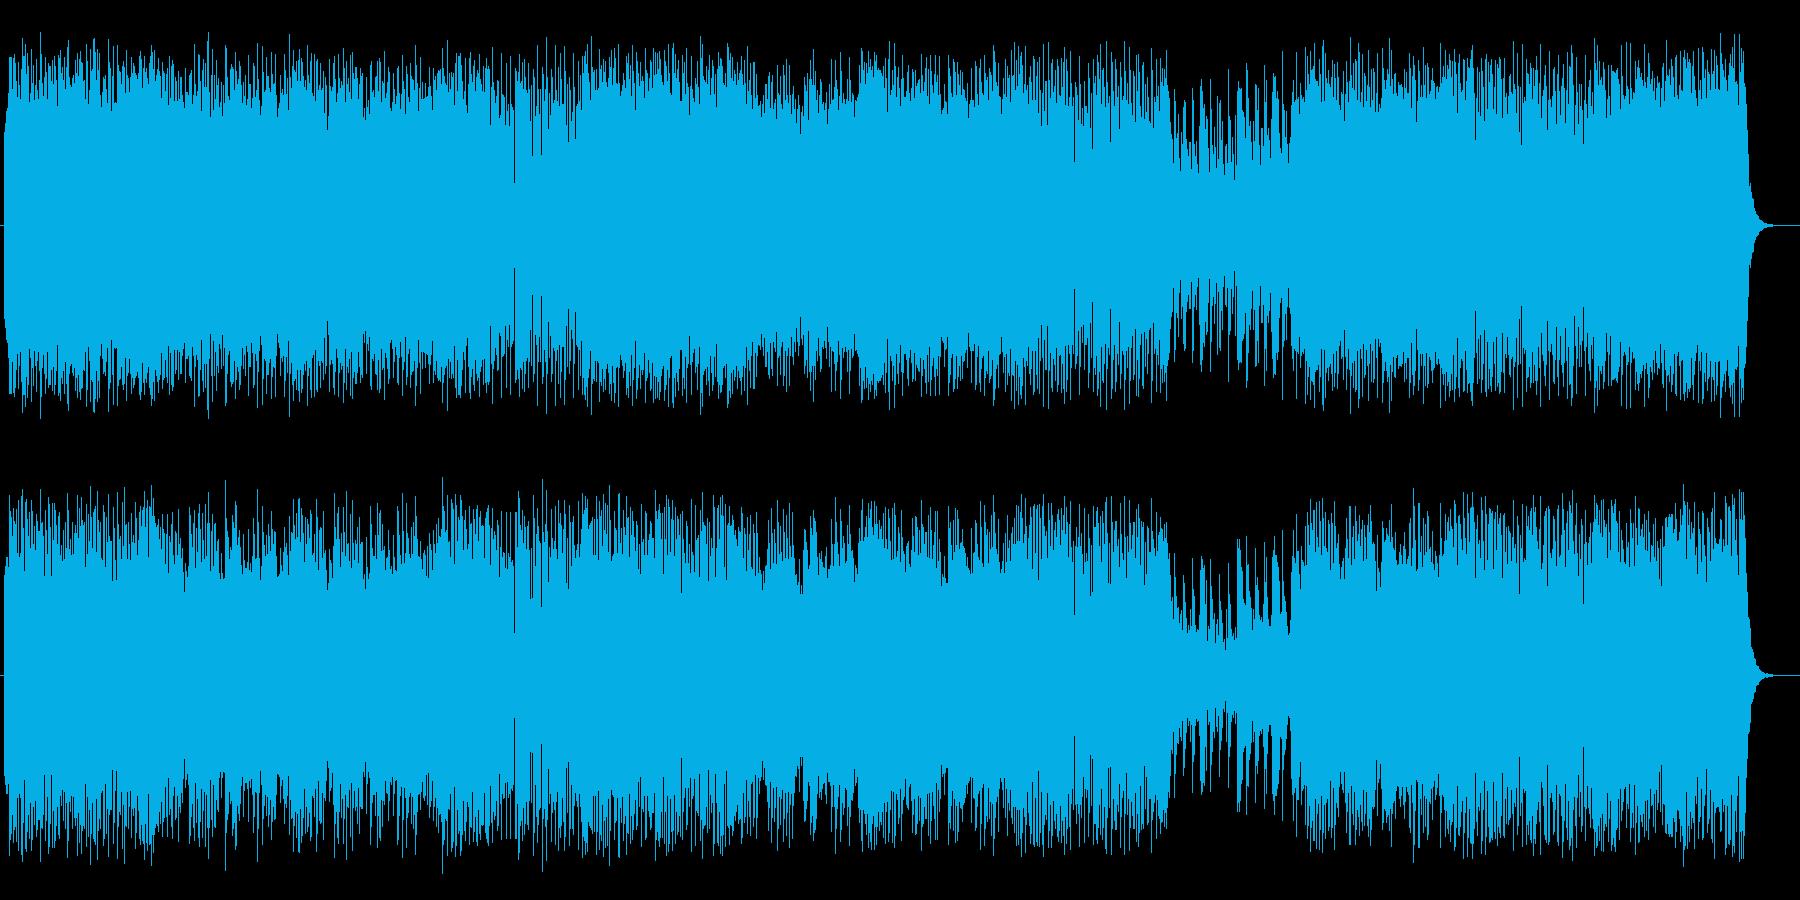 明るく爽やかシンセピアノサウンドの再生済みの波形